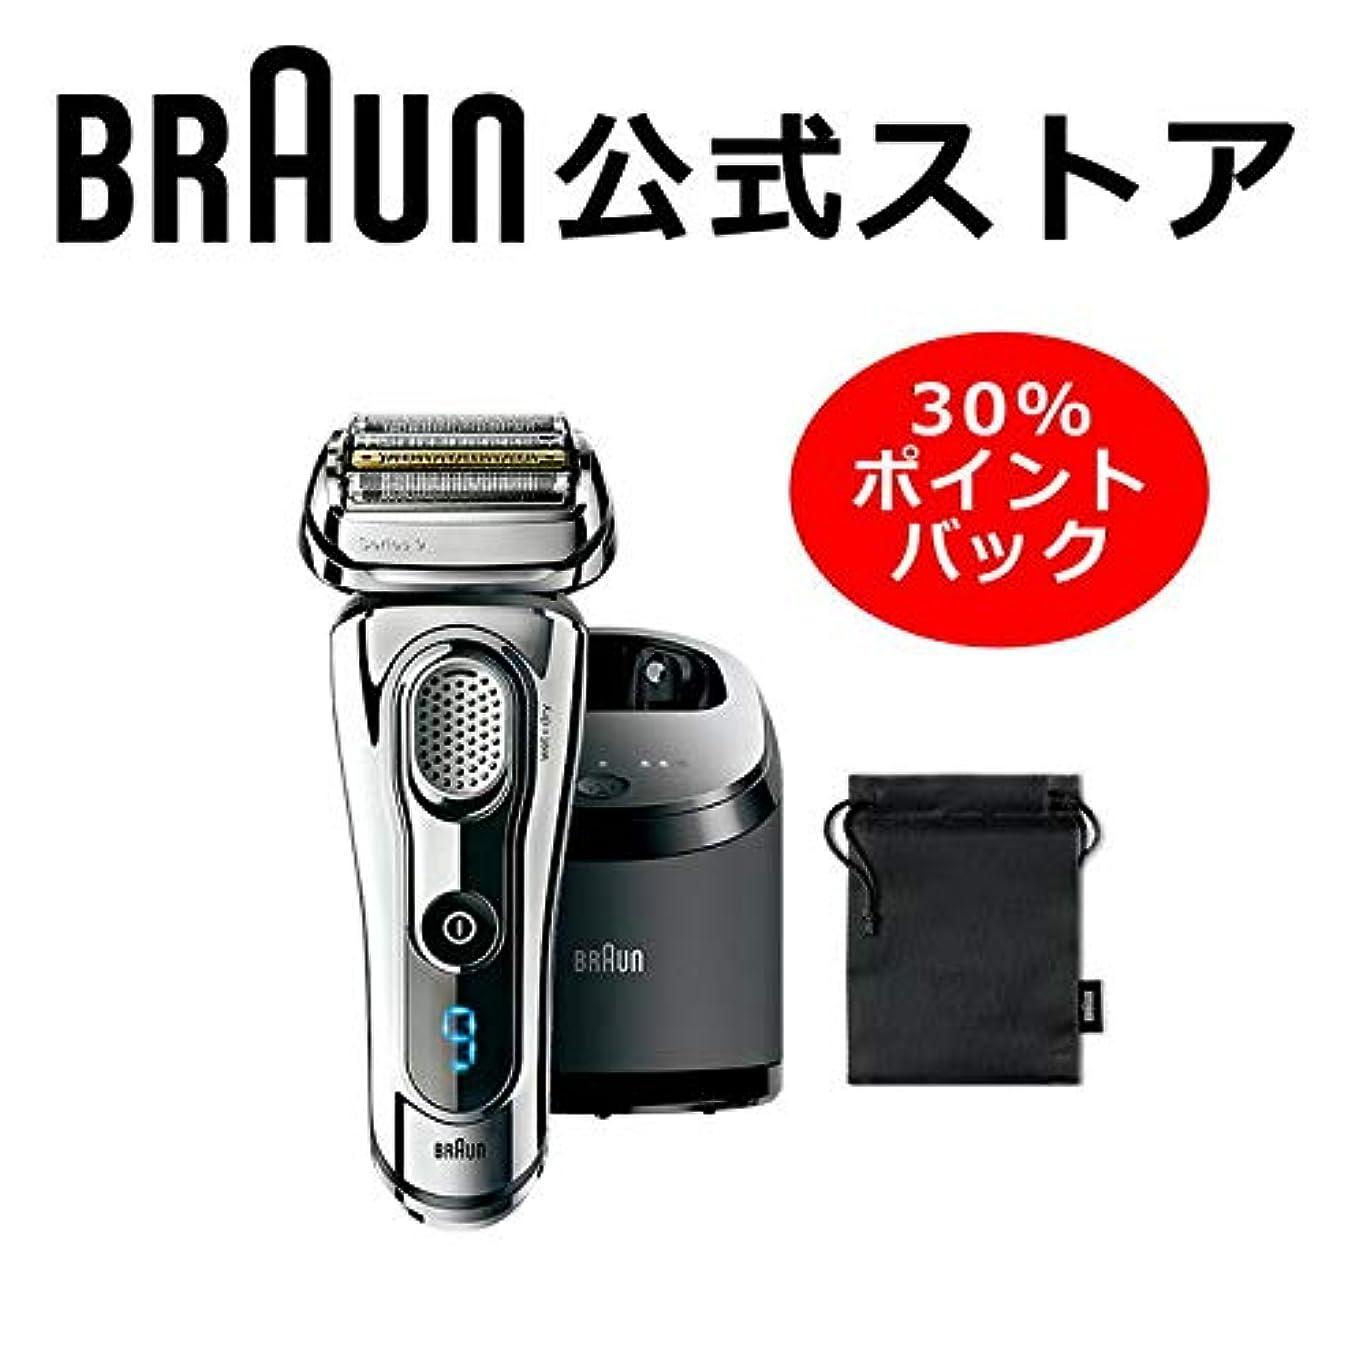 精査入手します彼BRAUN (ブラウン) メンズ 電気シェーバー シリーズ9 9295cc-P 付属品 (洗浄器 シェーバーケース アクセサリーバッグ) お風呂剃り対応 5つのカットシステムが1度でヒゲを剃りきる